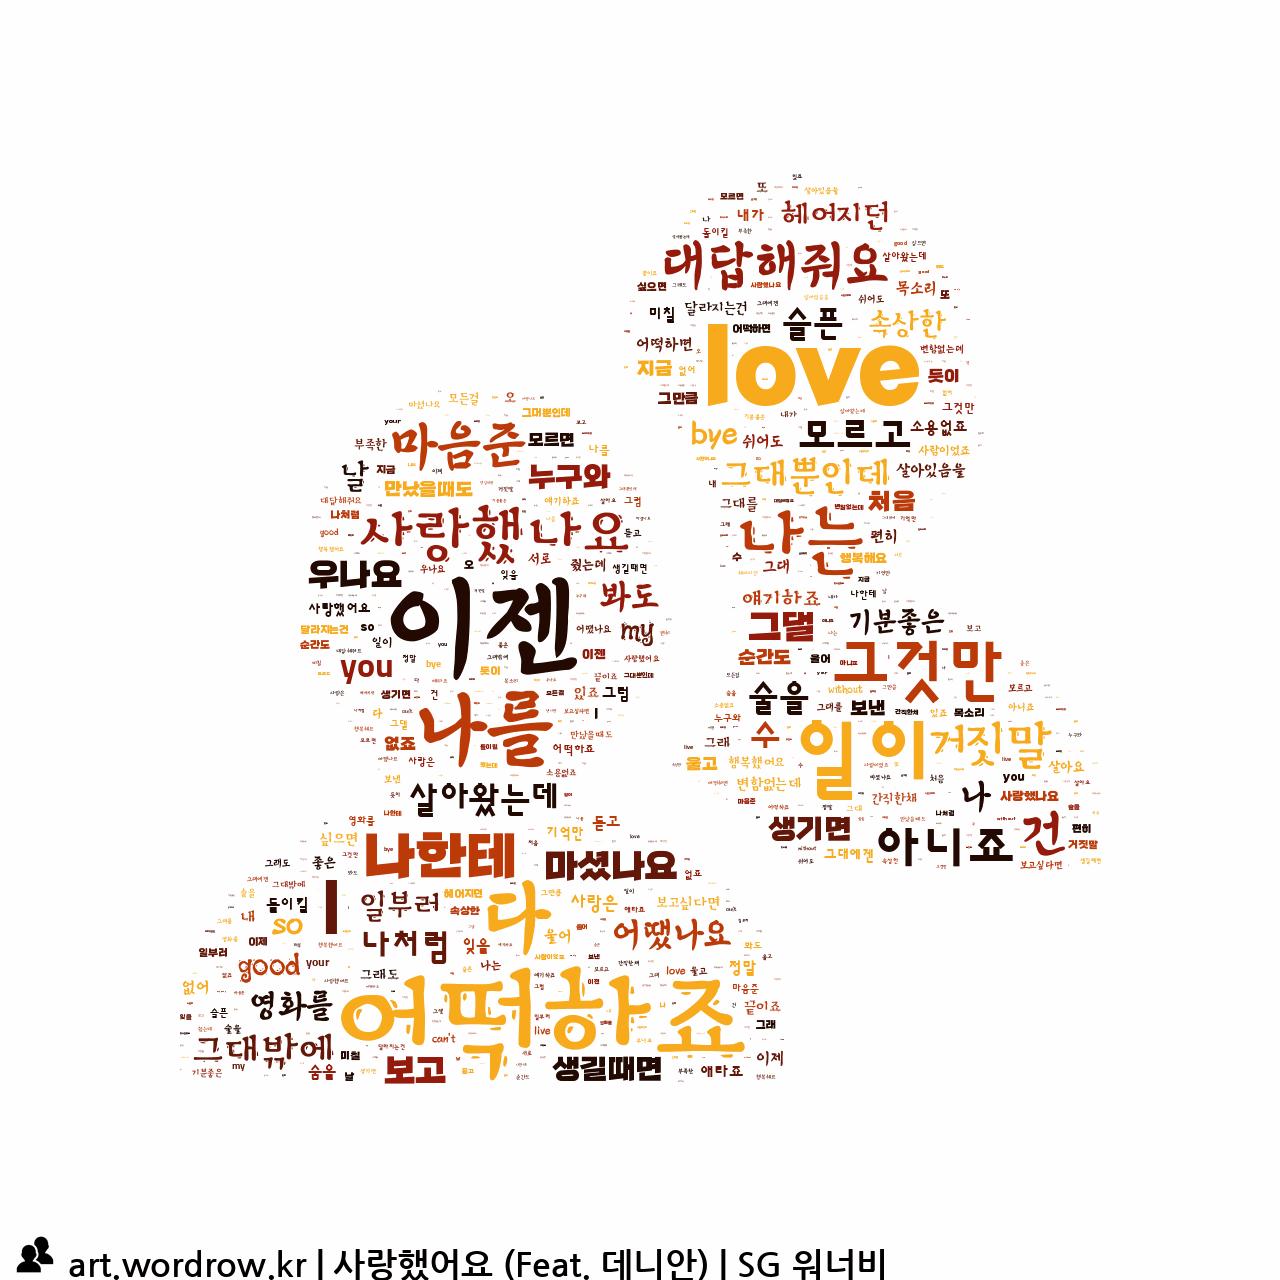 워드 클라우드: 사랑했어요 (Feat. 데니안) [SG 워너비]-7